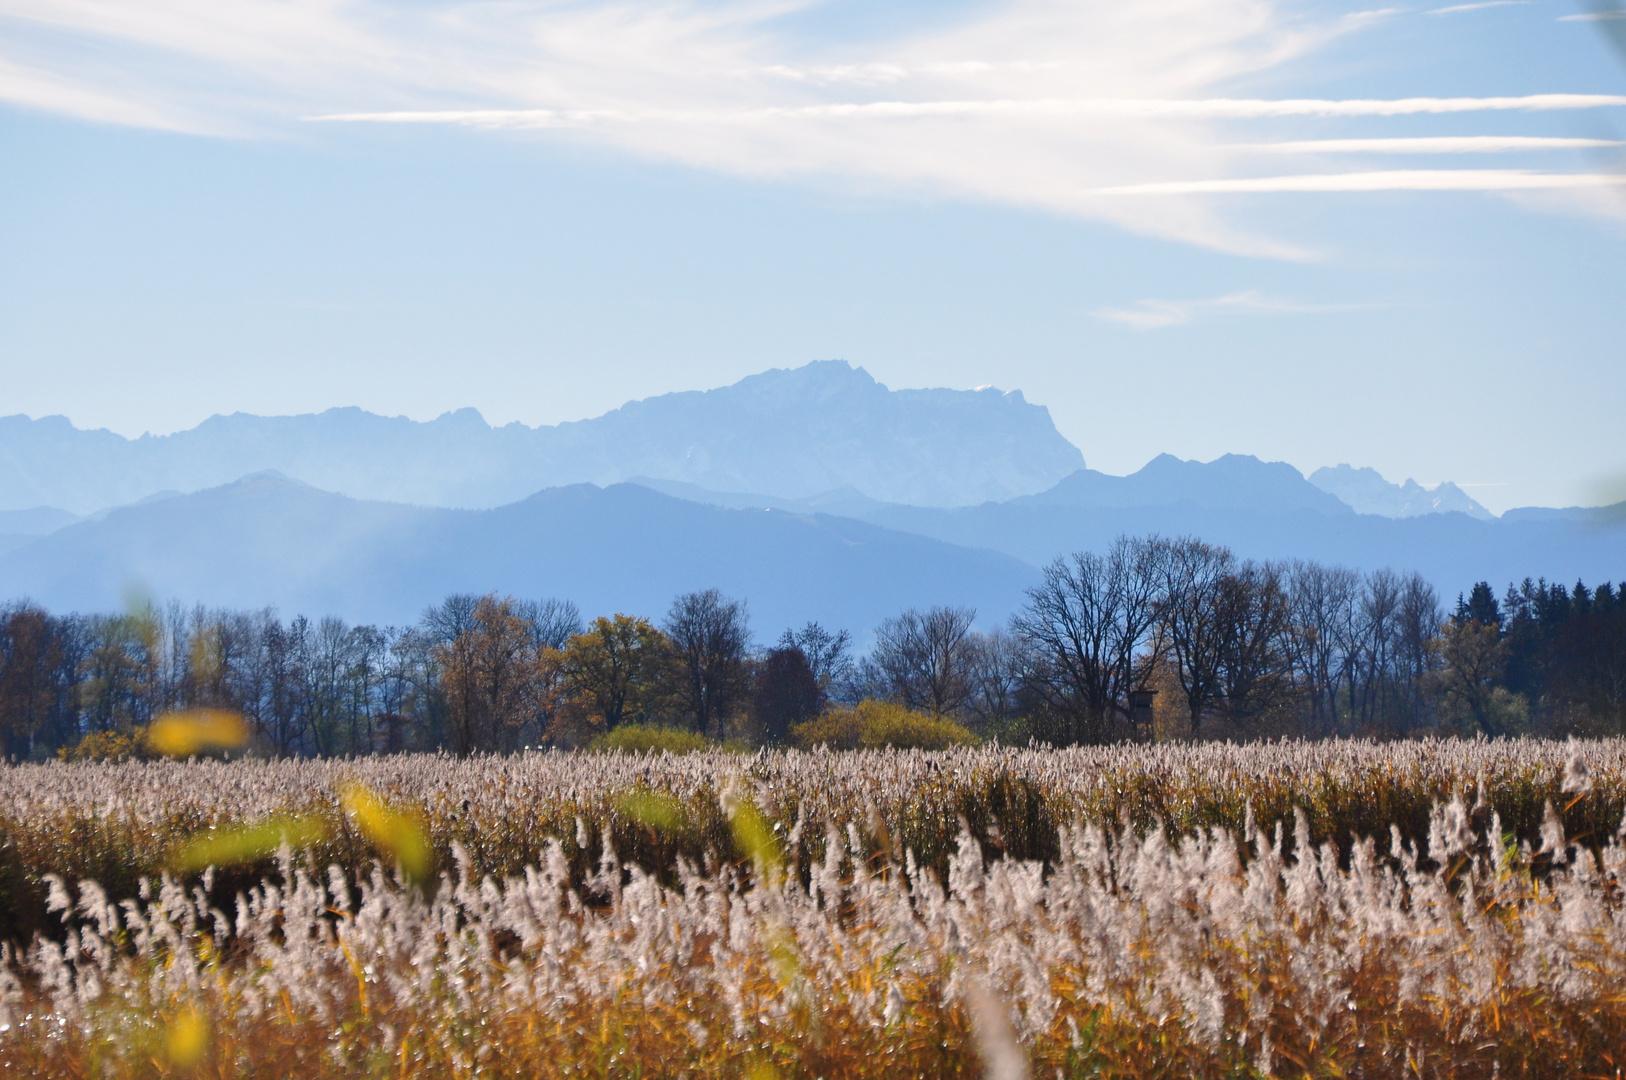 Vogelschutzgebiet Ammersee Süd mit Zugspitzmassiv